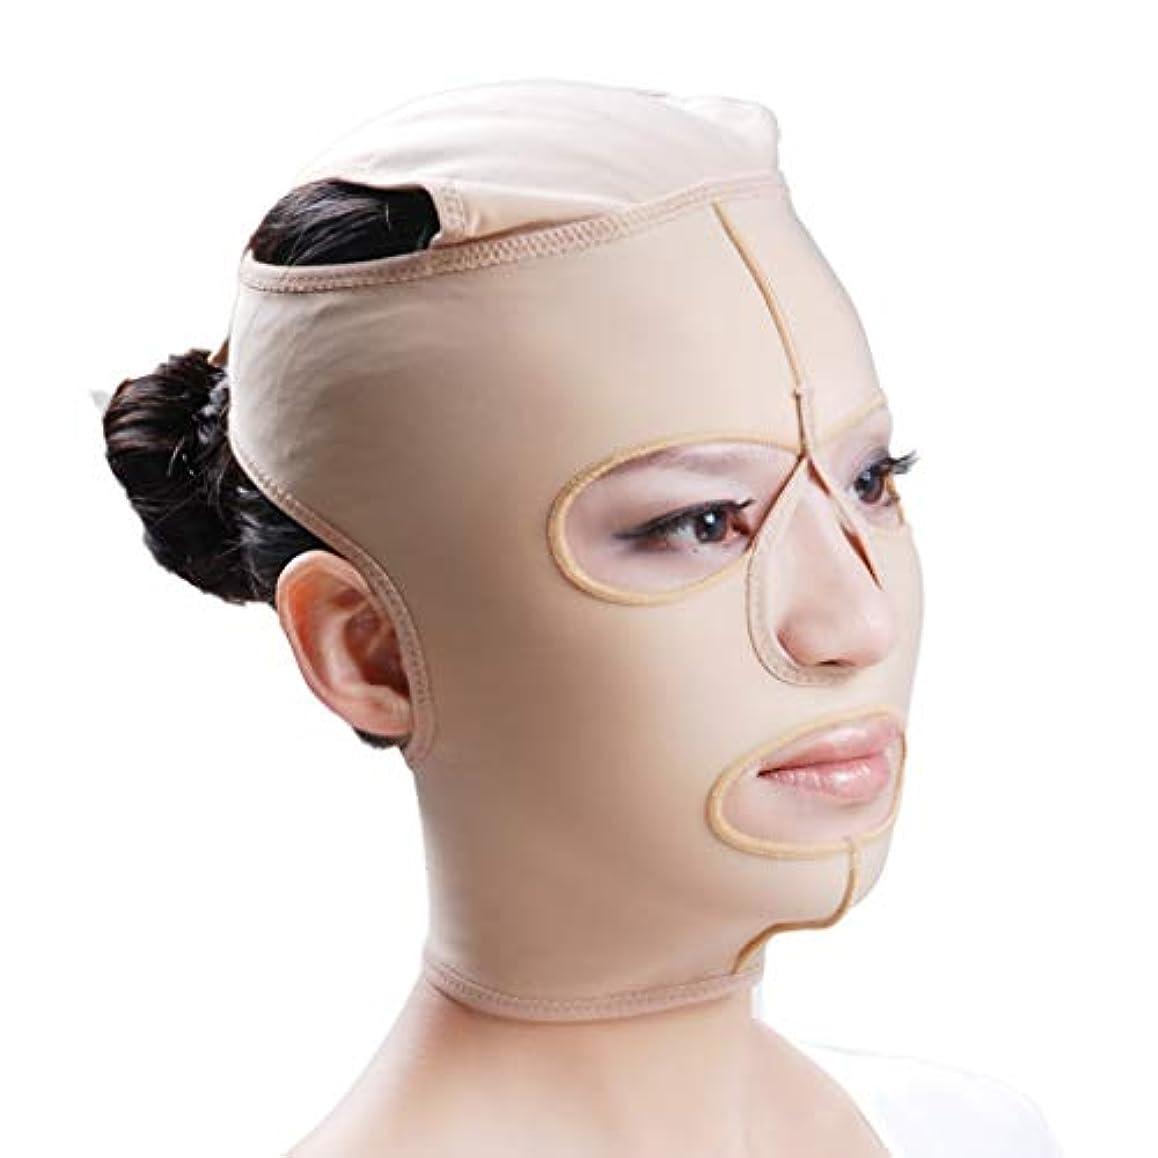 幅定義する乱雑なXHLMRMJ フェイスリフトマスク、フルフェイスマスク医療グレード圧力フェイスダブルチンプラスチック脂肪吸引術弾性包帯ヘッドギア後の顔の脂肪吸引術 (Size : M)